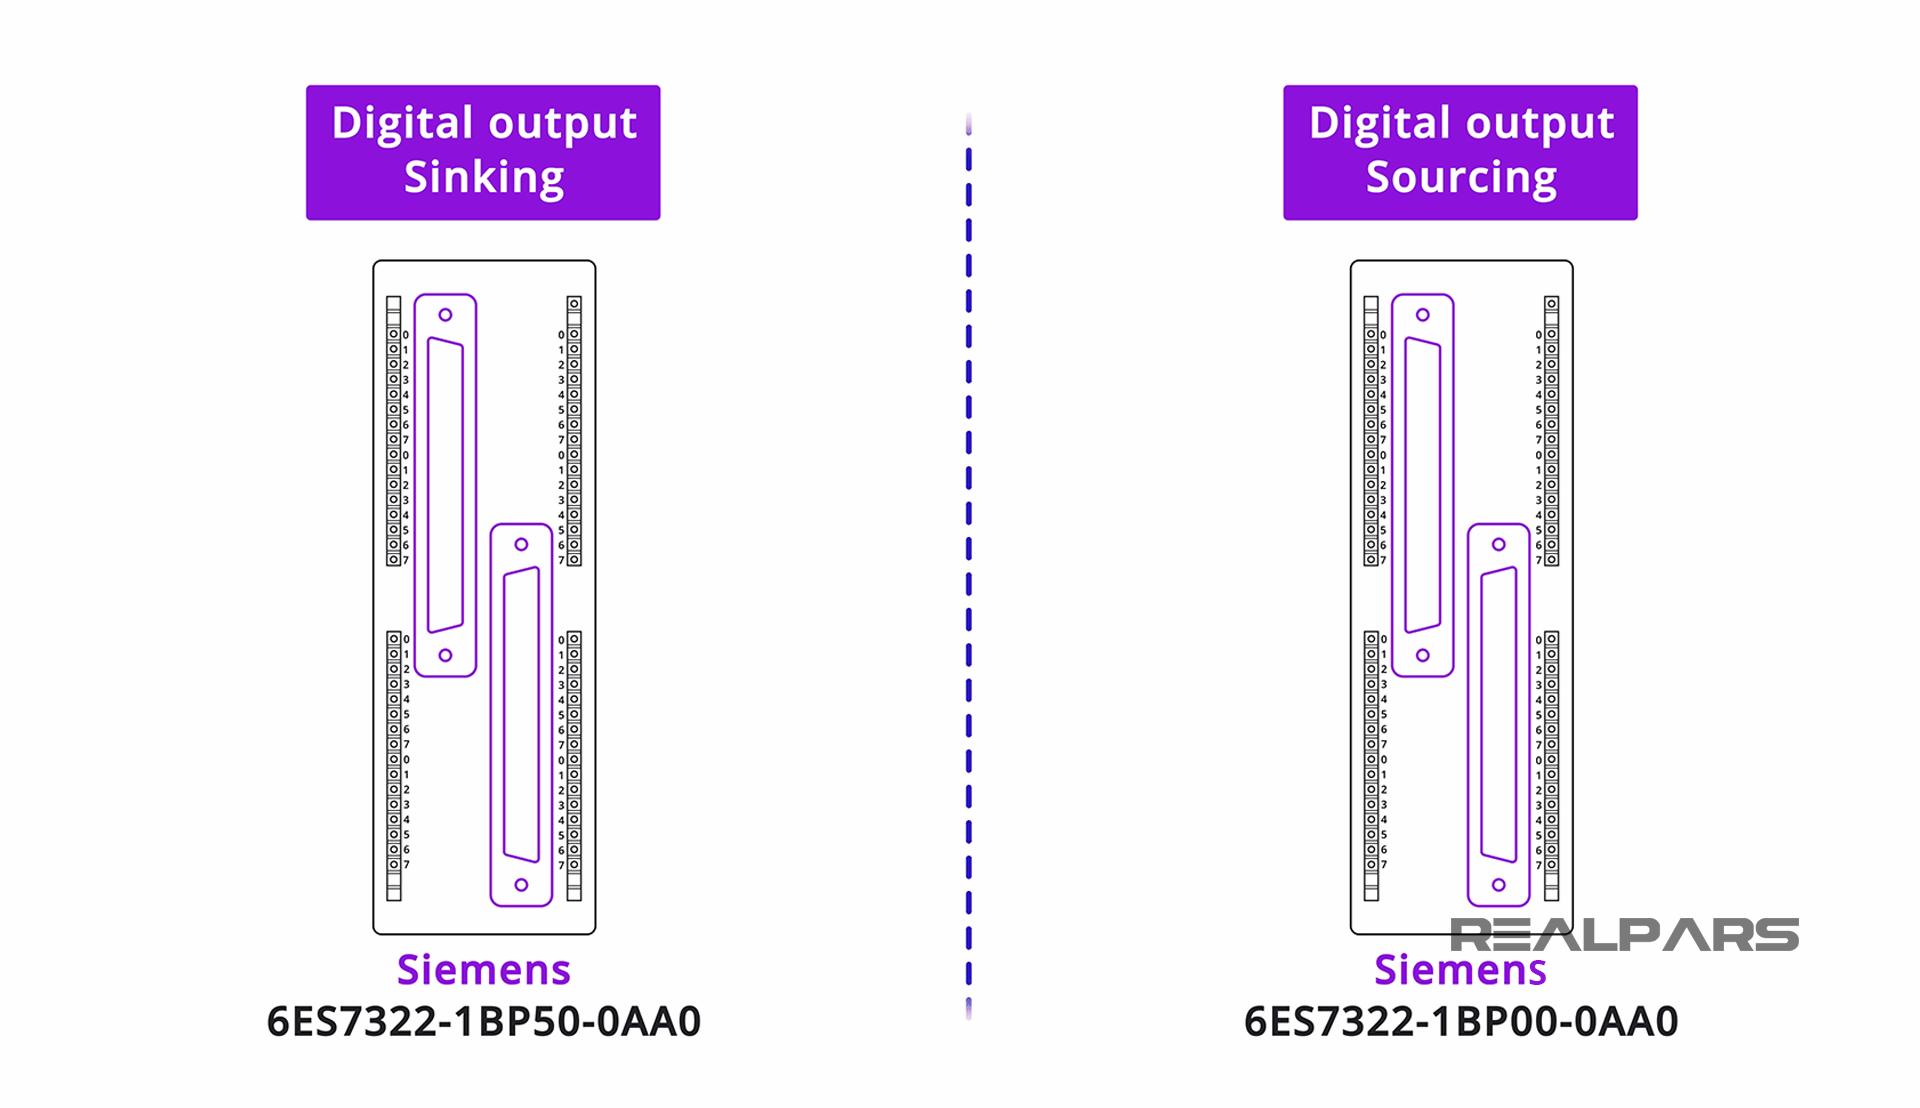 S7-300 digital output SM 322 - 1BP